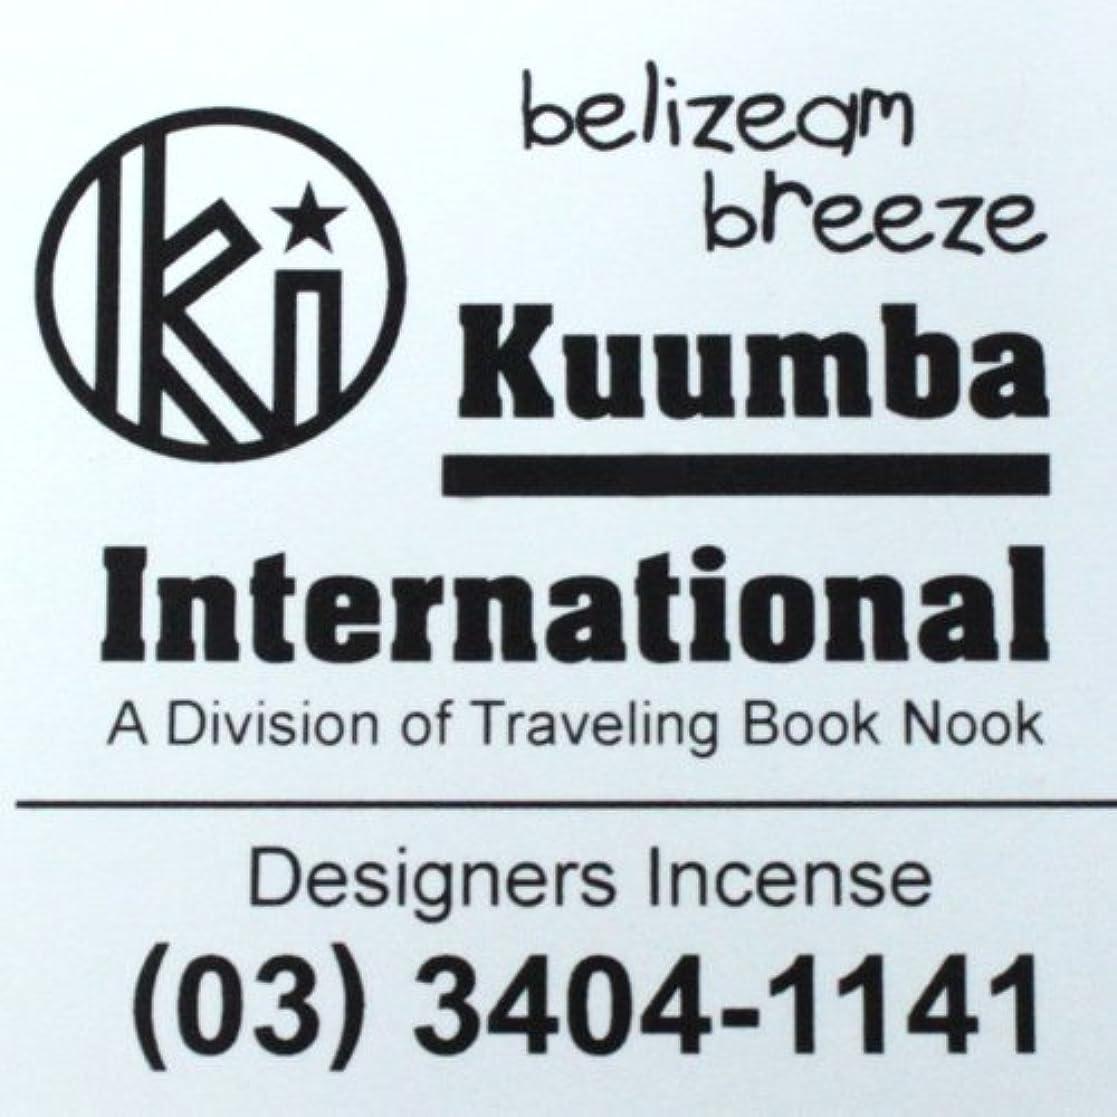 器官城ファイナンスKUUMBA (クンバ)『incense』(belizeam breeze) (Regular size)